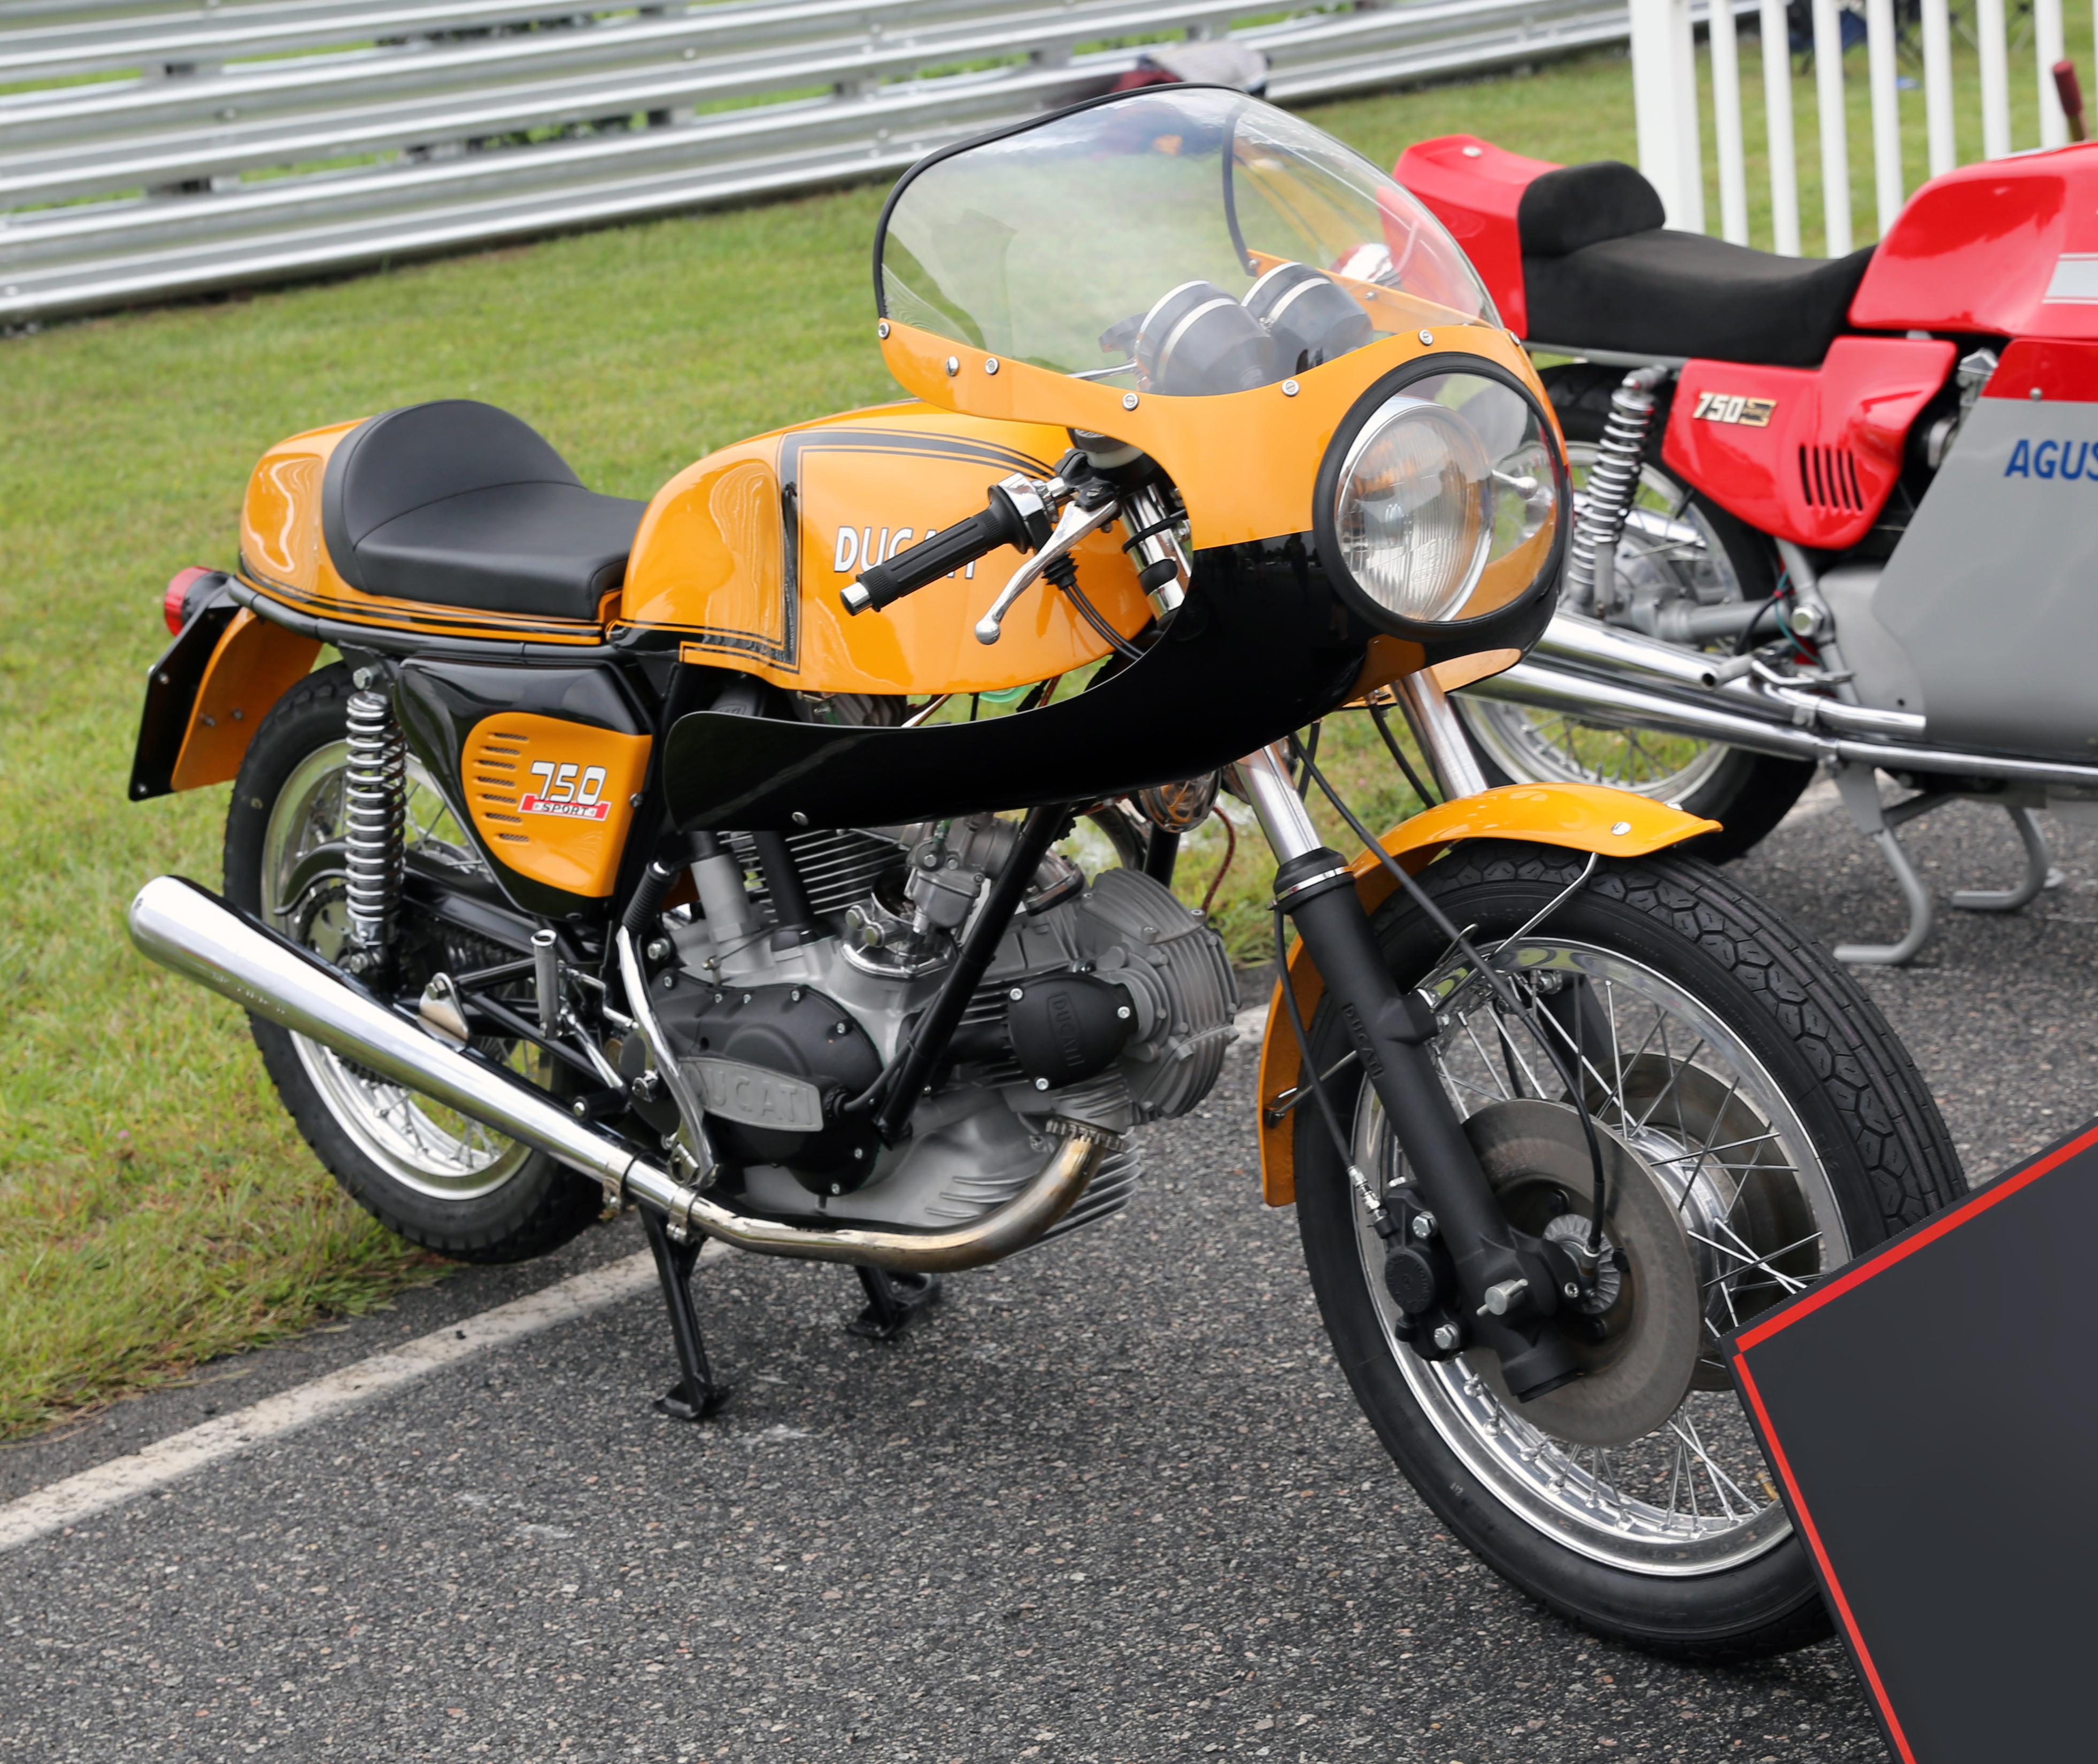 Ducati Streetfighter Headlight Fairing